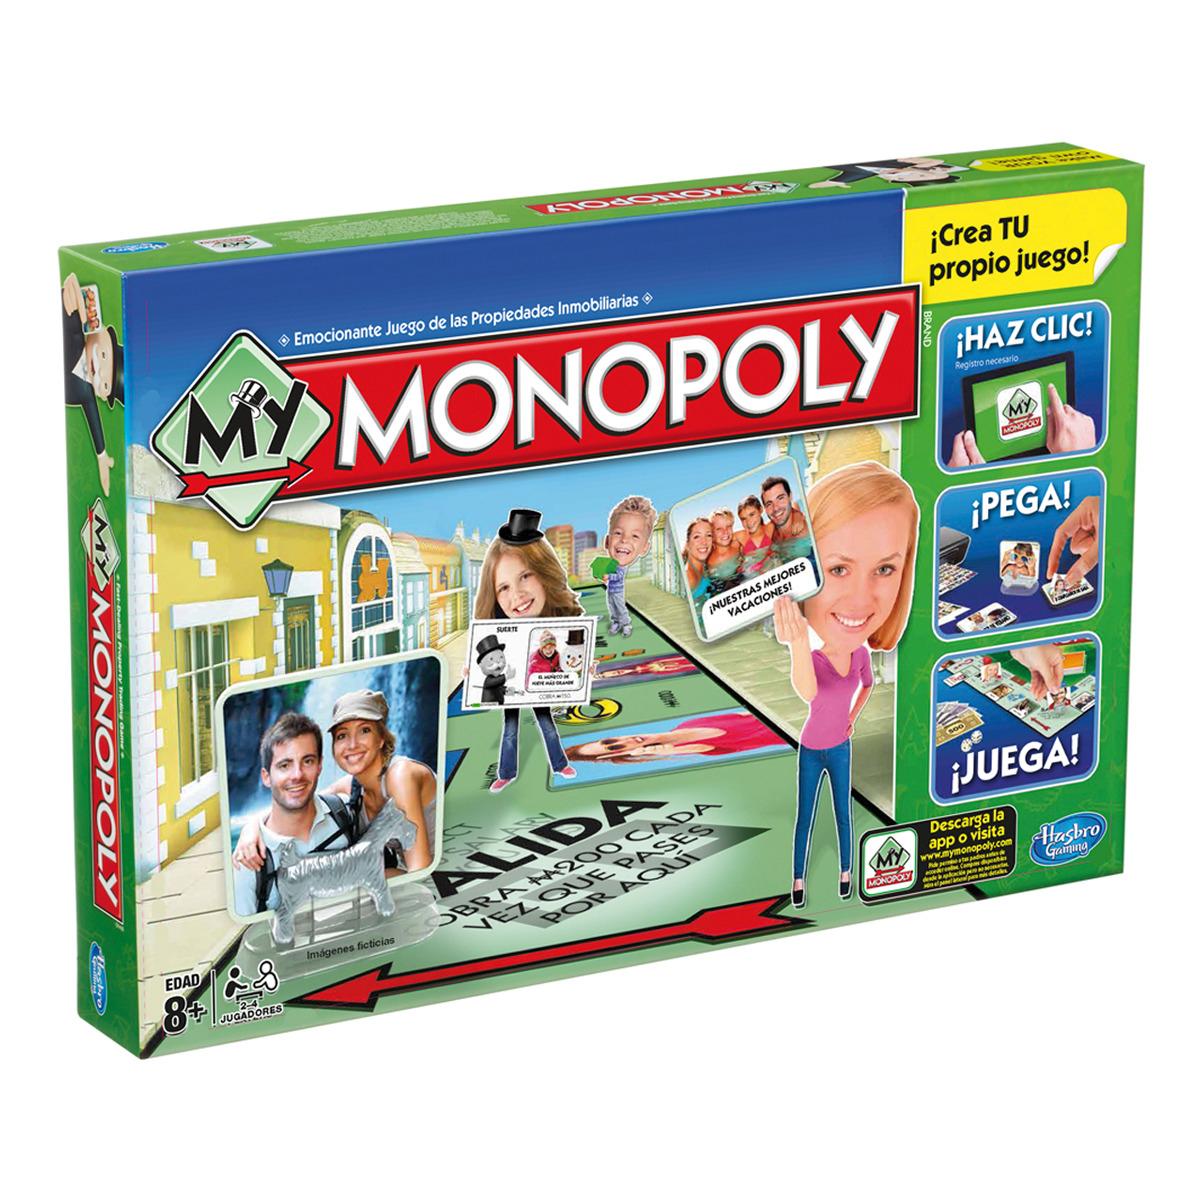 My Monopoly de Hasbro (Monopoly personalizable) sólo 12€